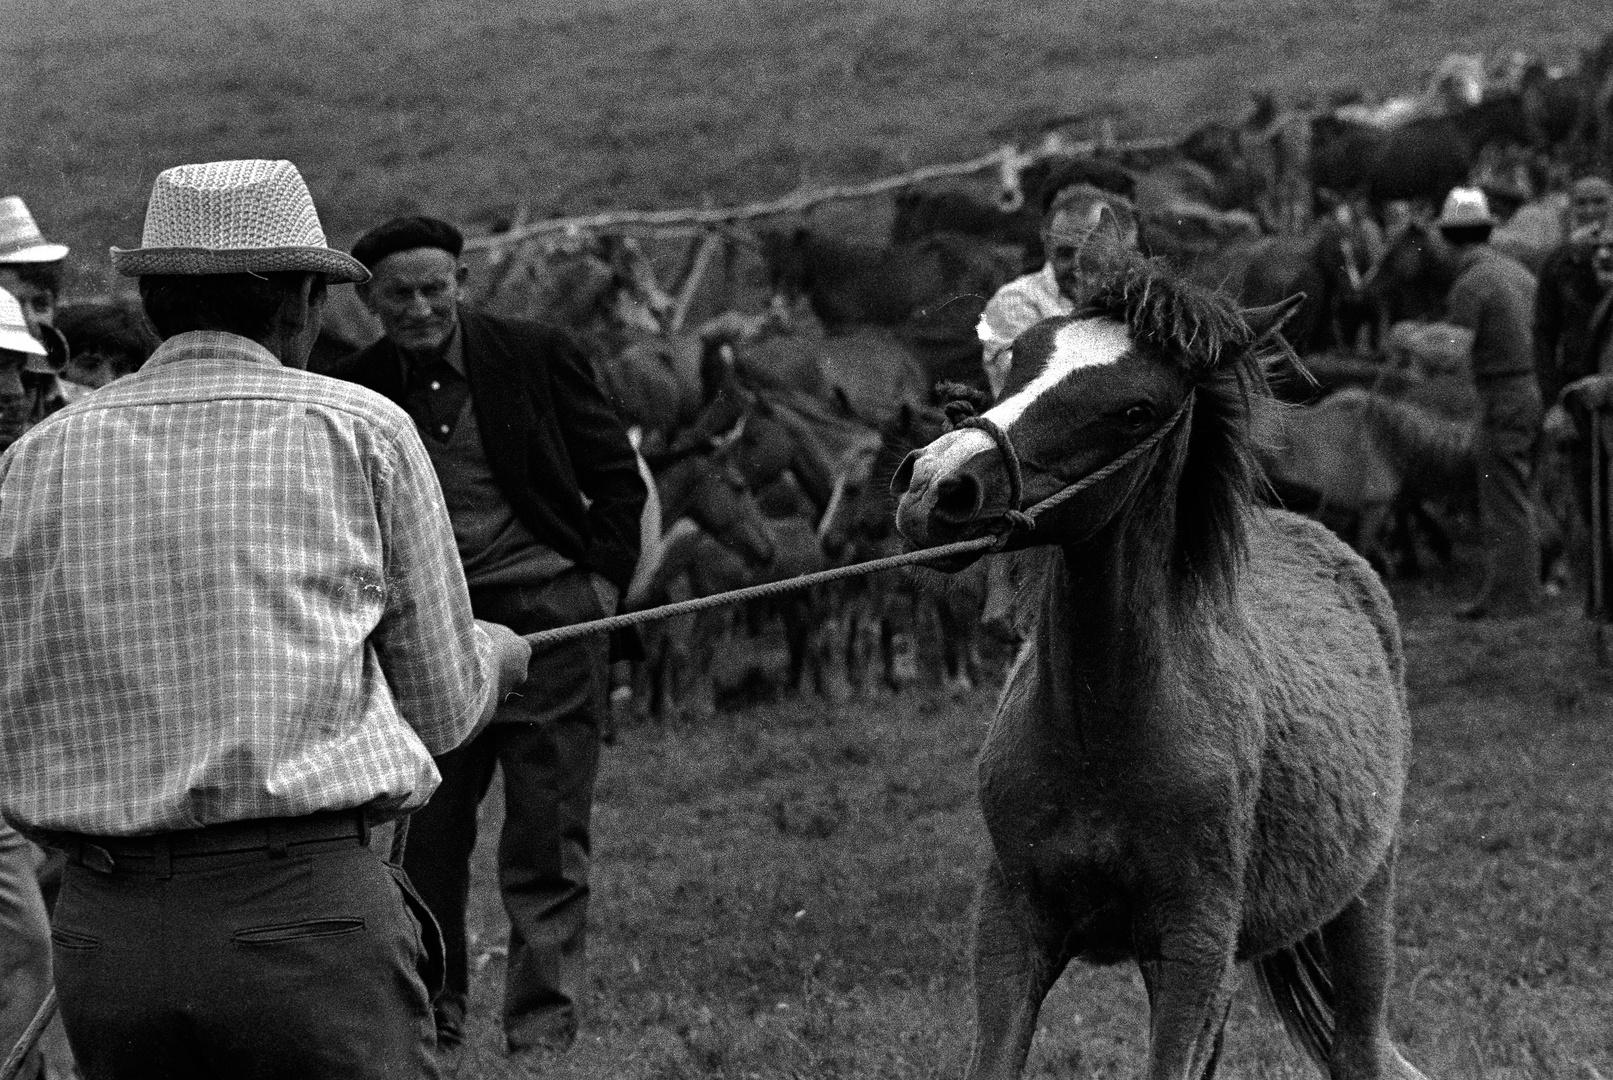 RAPA DAS BESTAS.Candaoso.1970